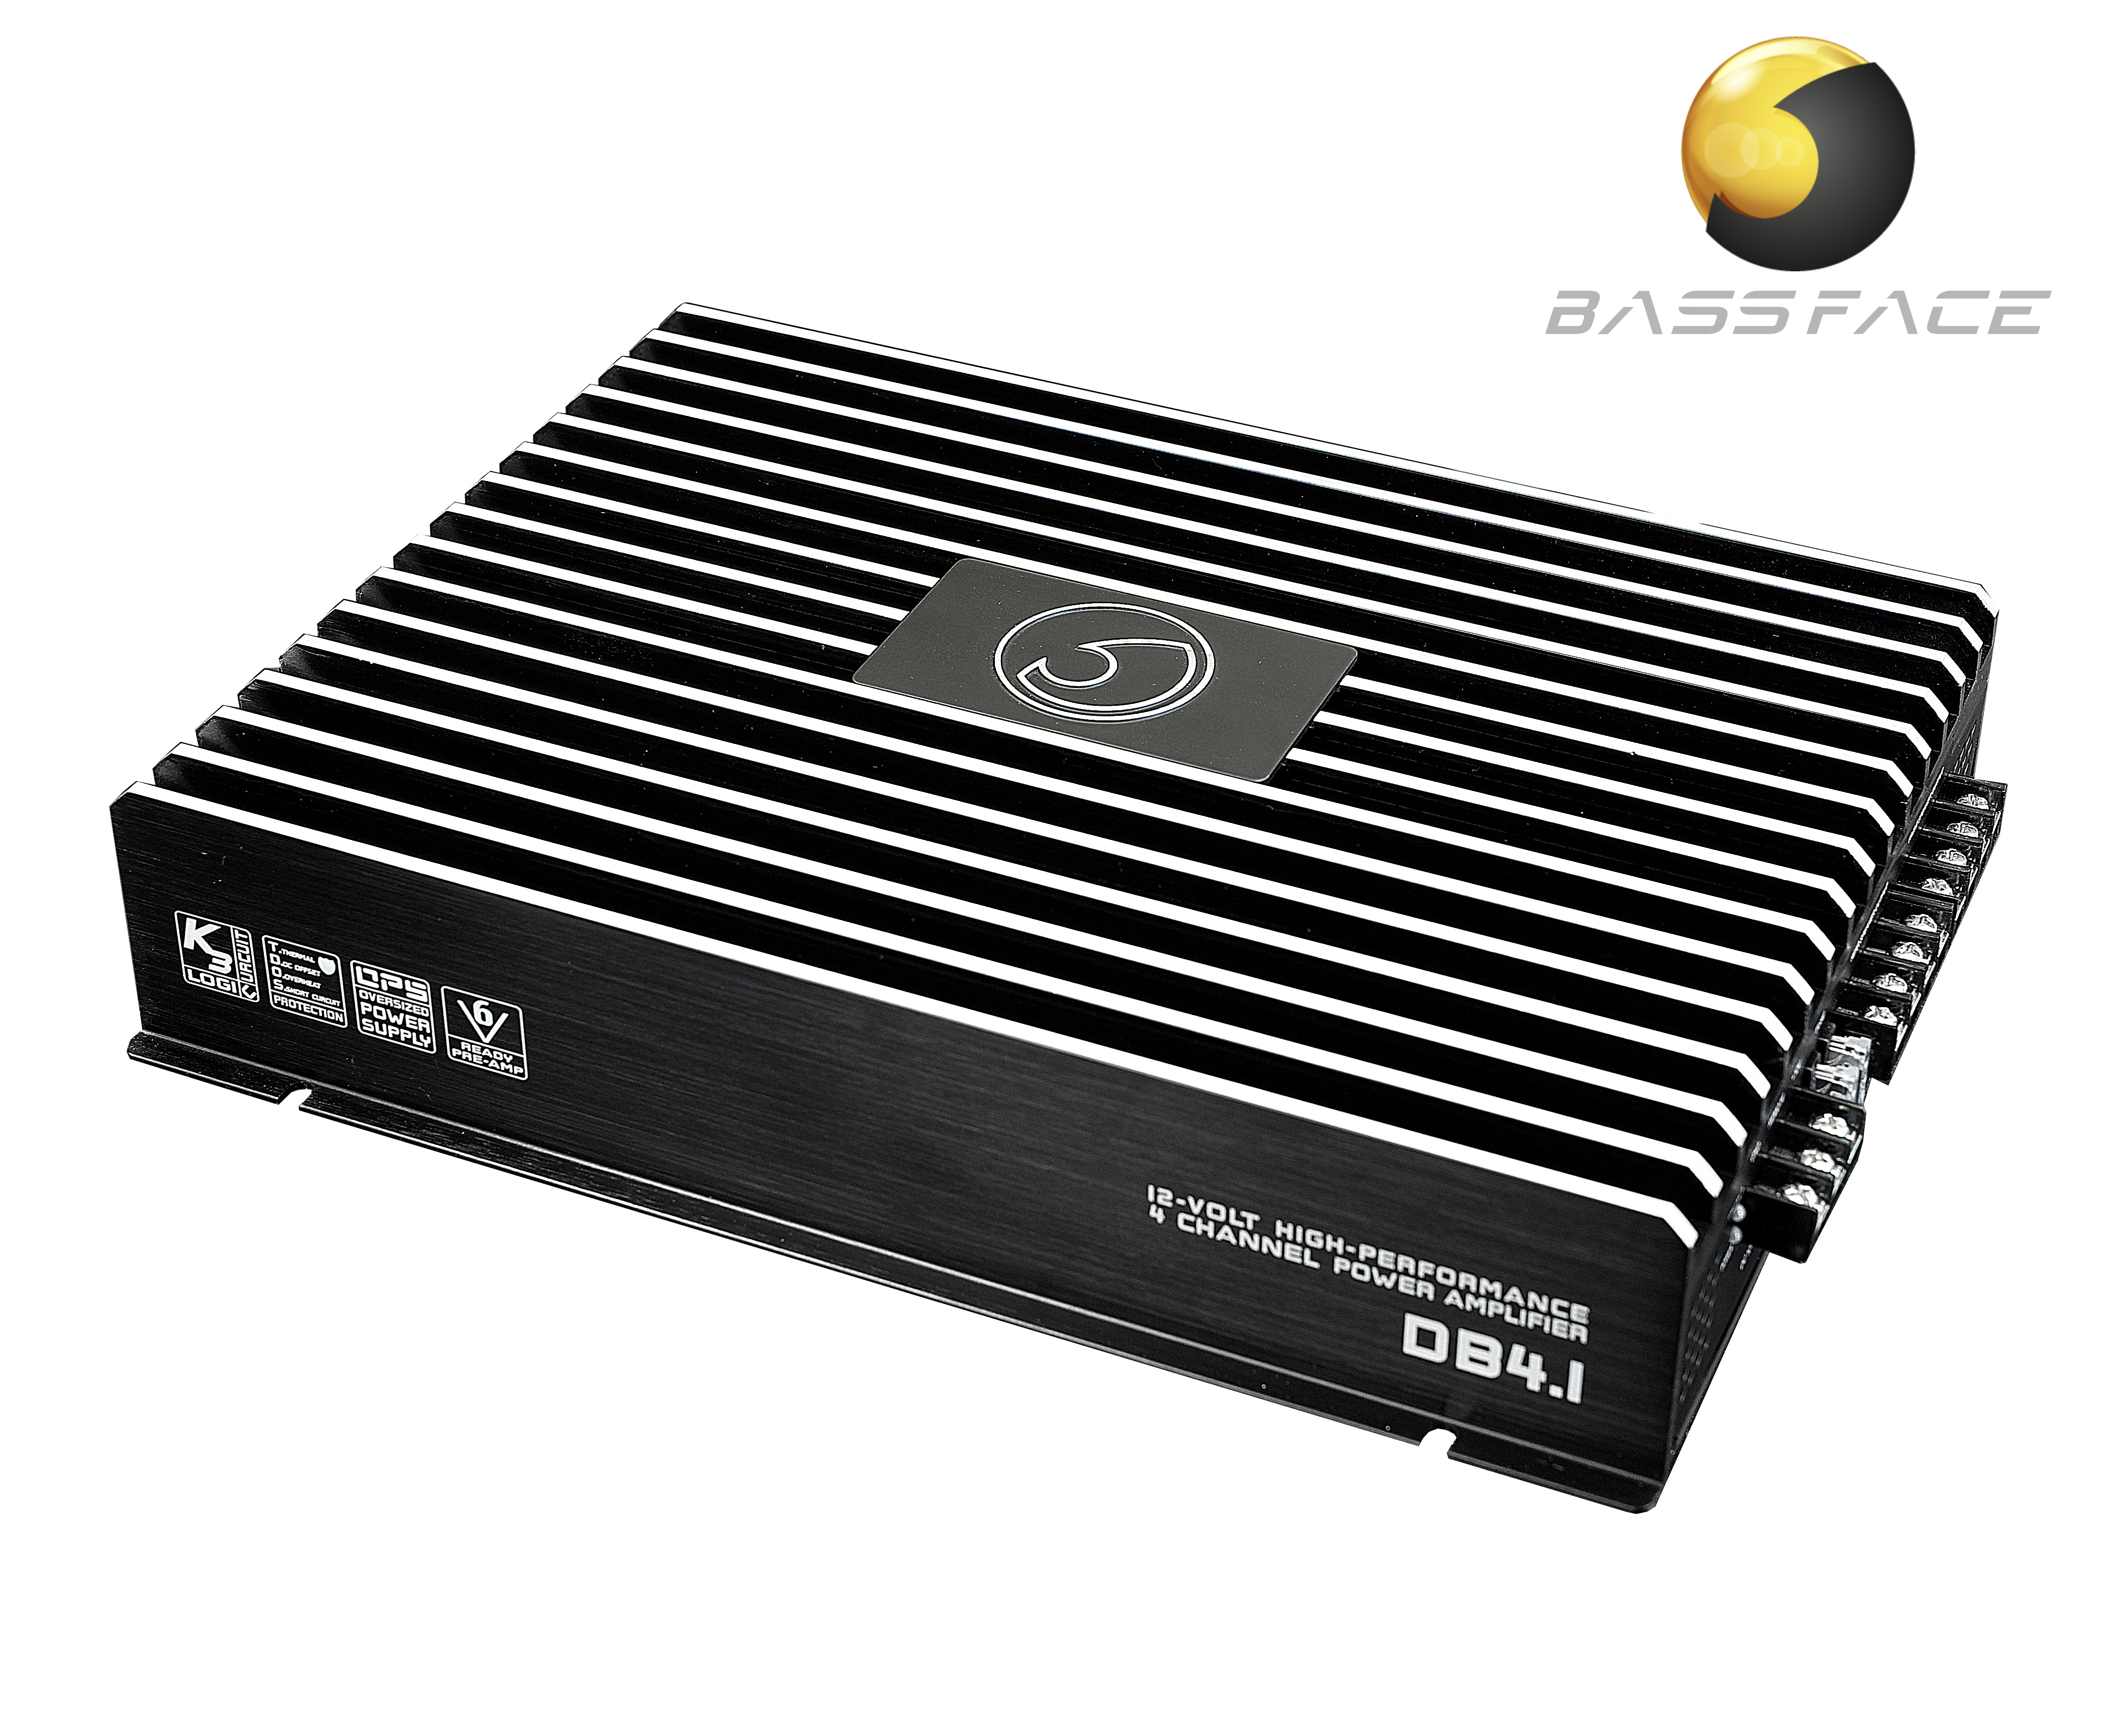 Db41 4 3 2 Channel Bridgeable Stereo 12v Power Amplifier 320w 200 Watts Super Bridge Amplifiers Downloads